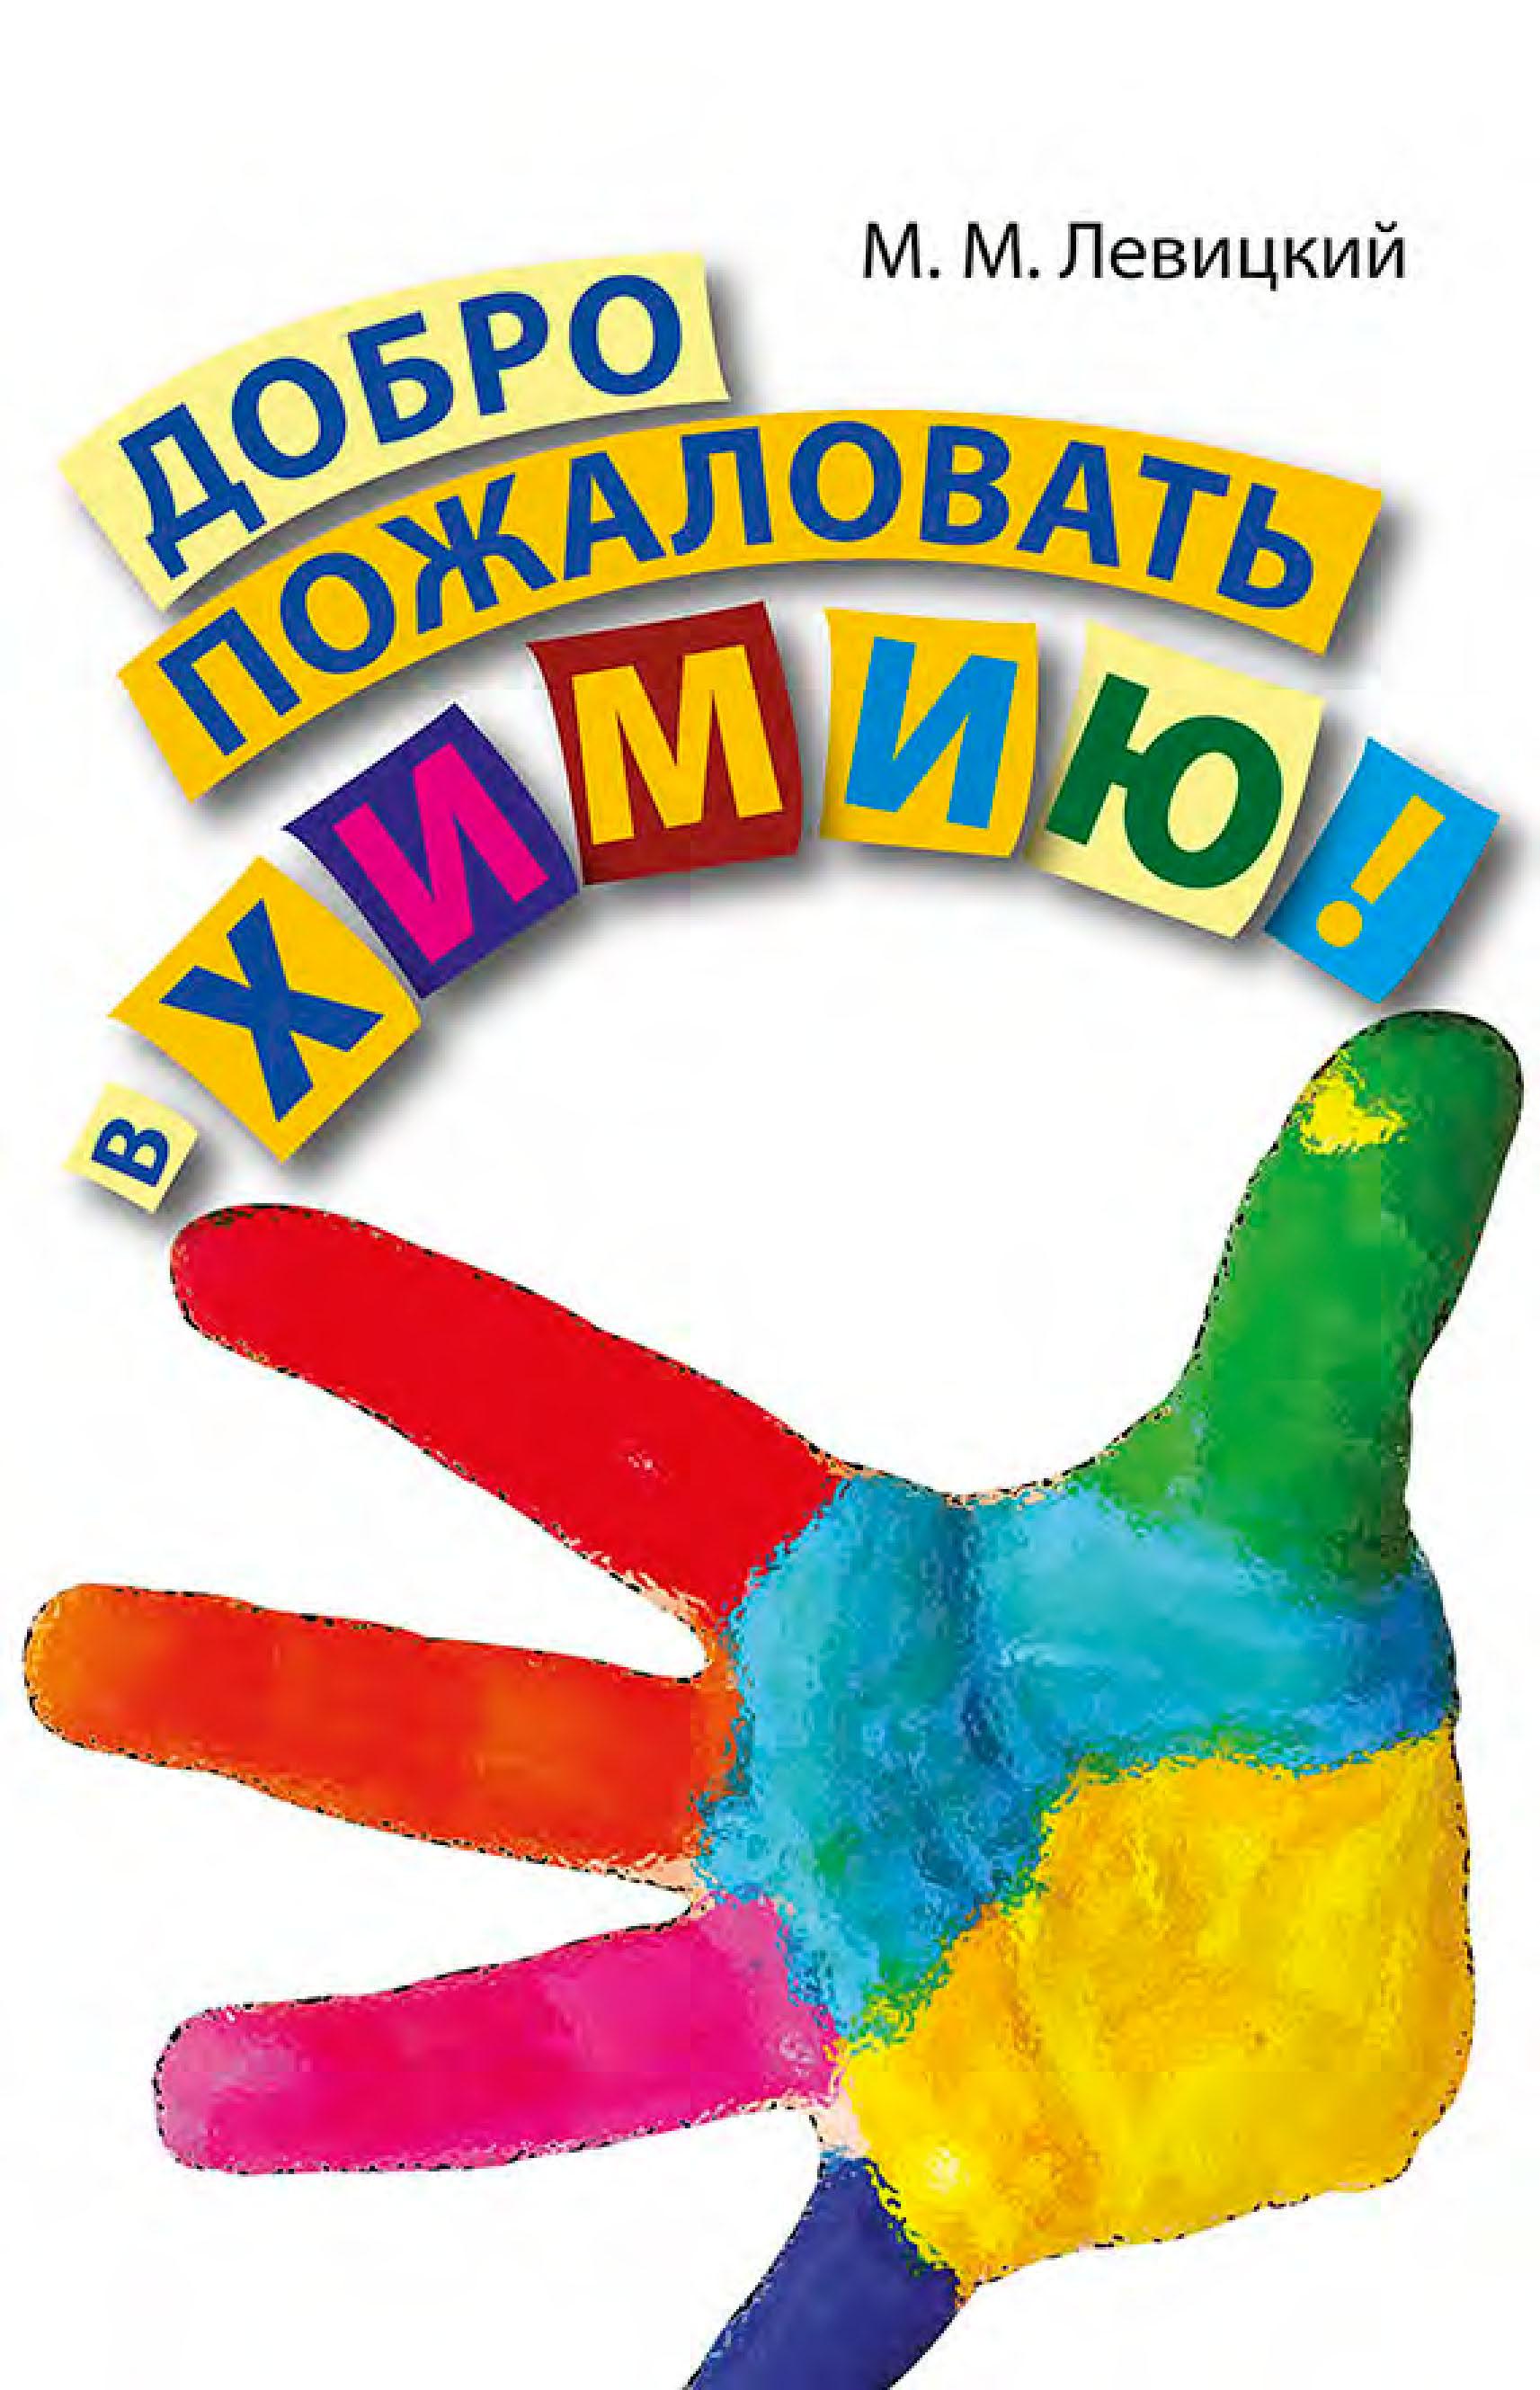 М. М. Левицкий Добро пожаловать в химию! криштул б добро пожаловать в юность